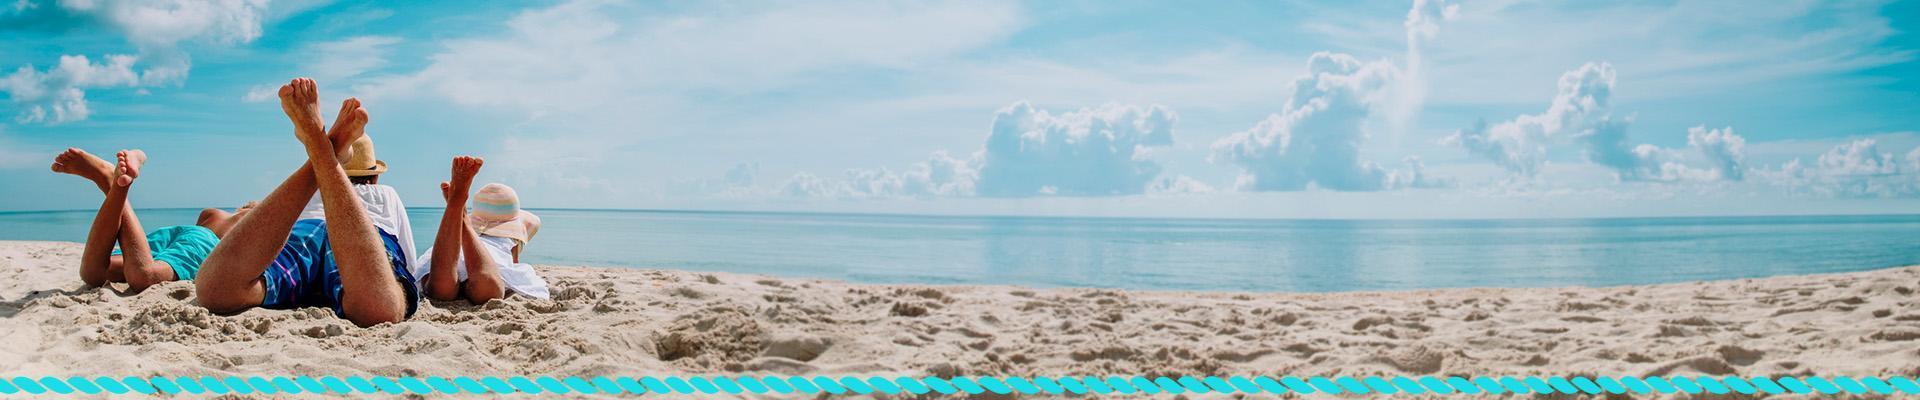 Ludzie leżący na plaży